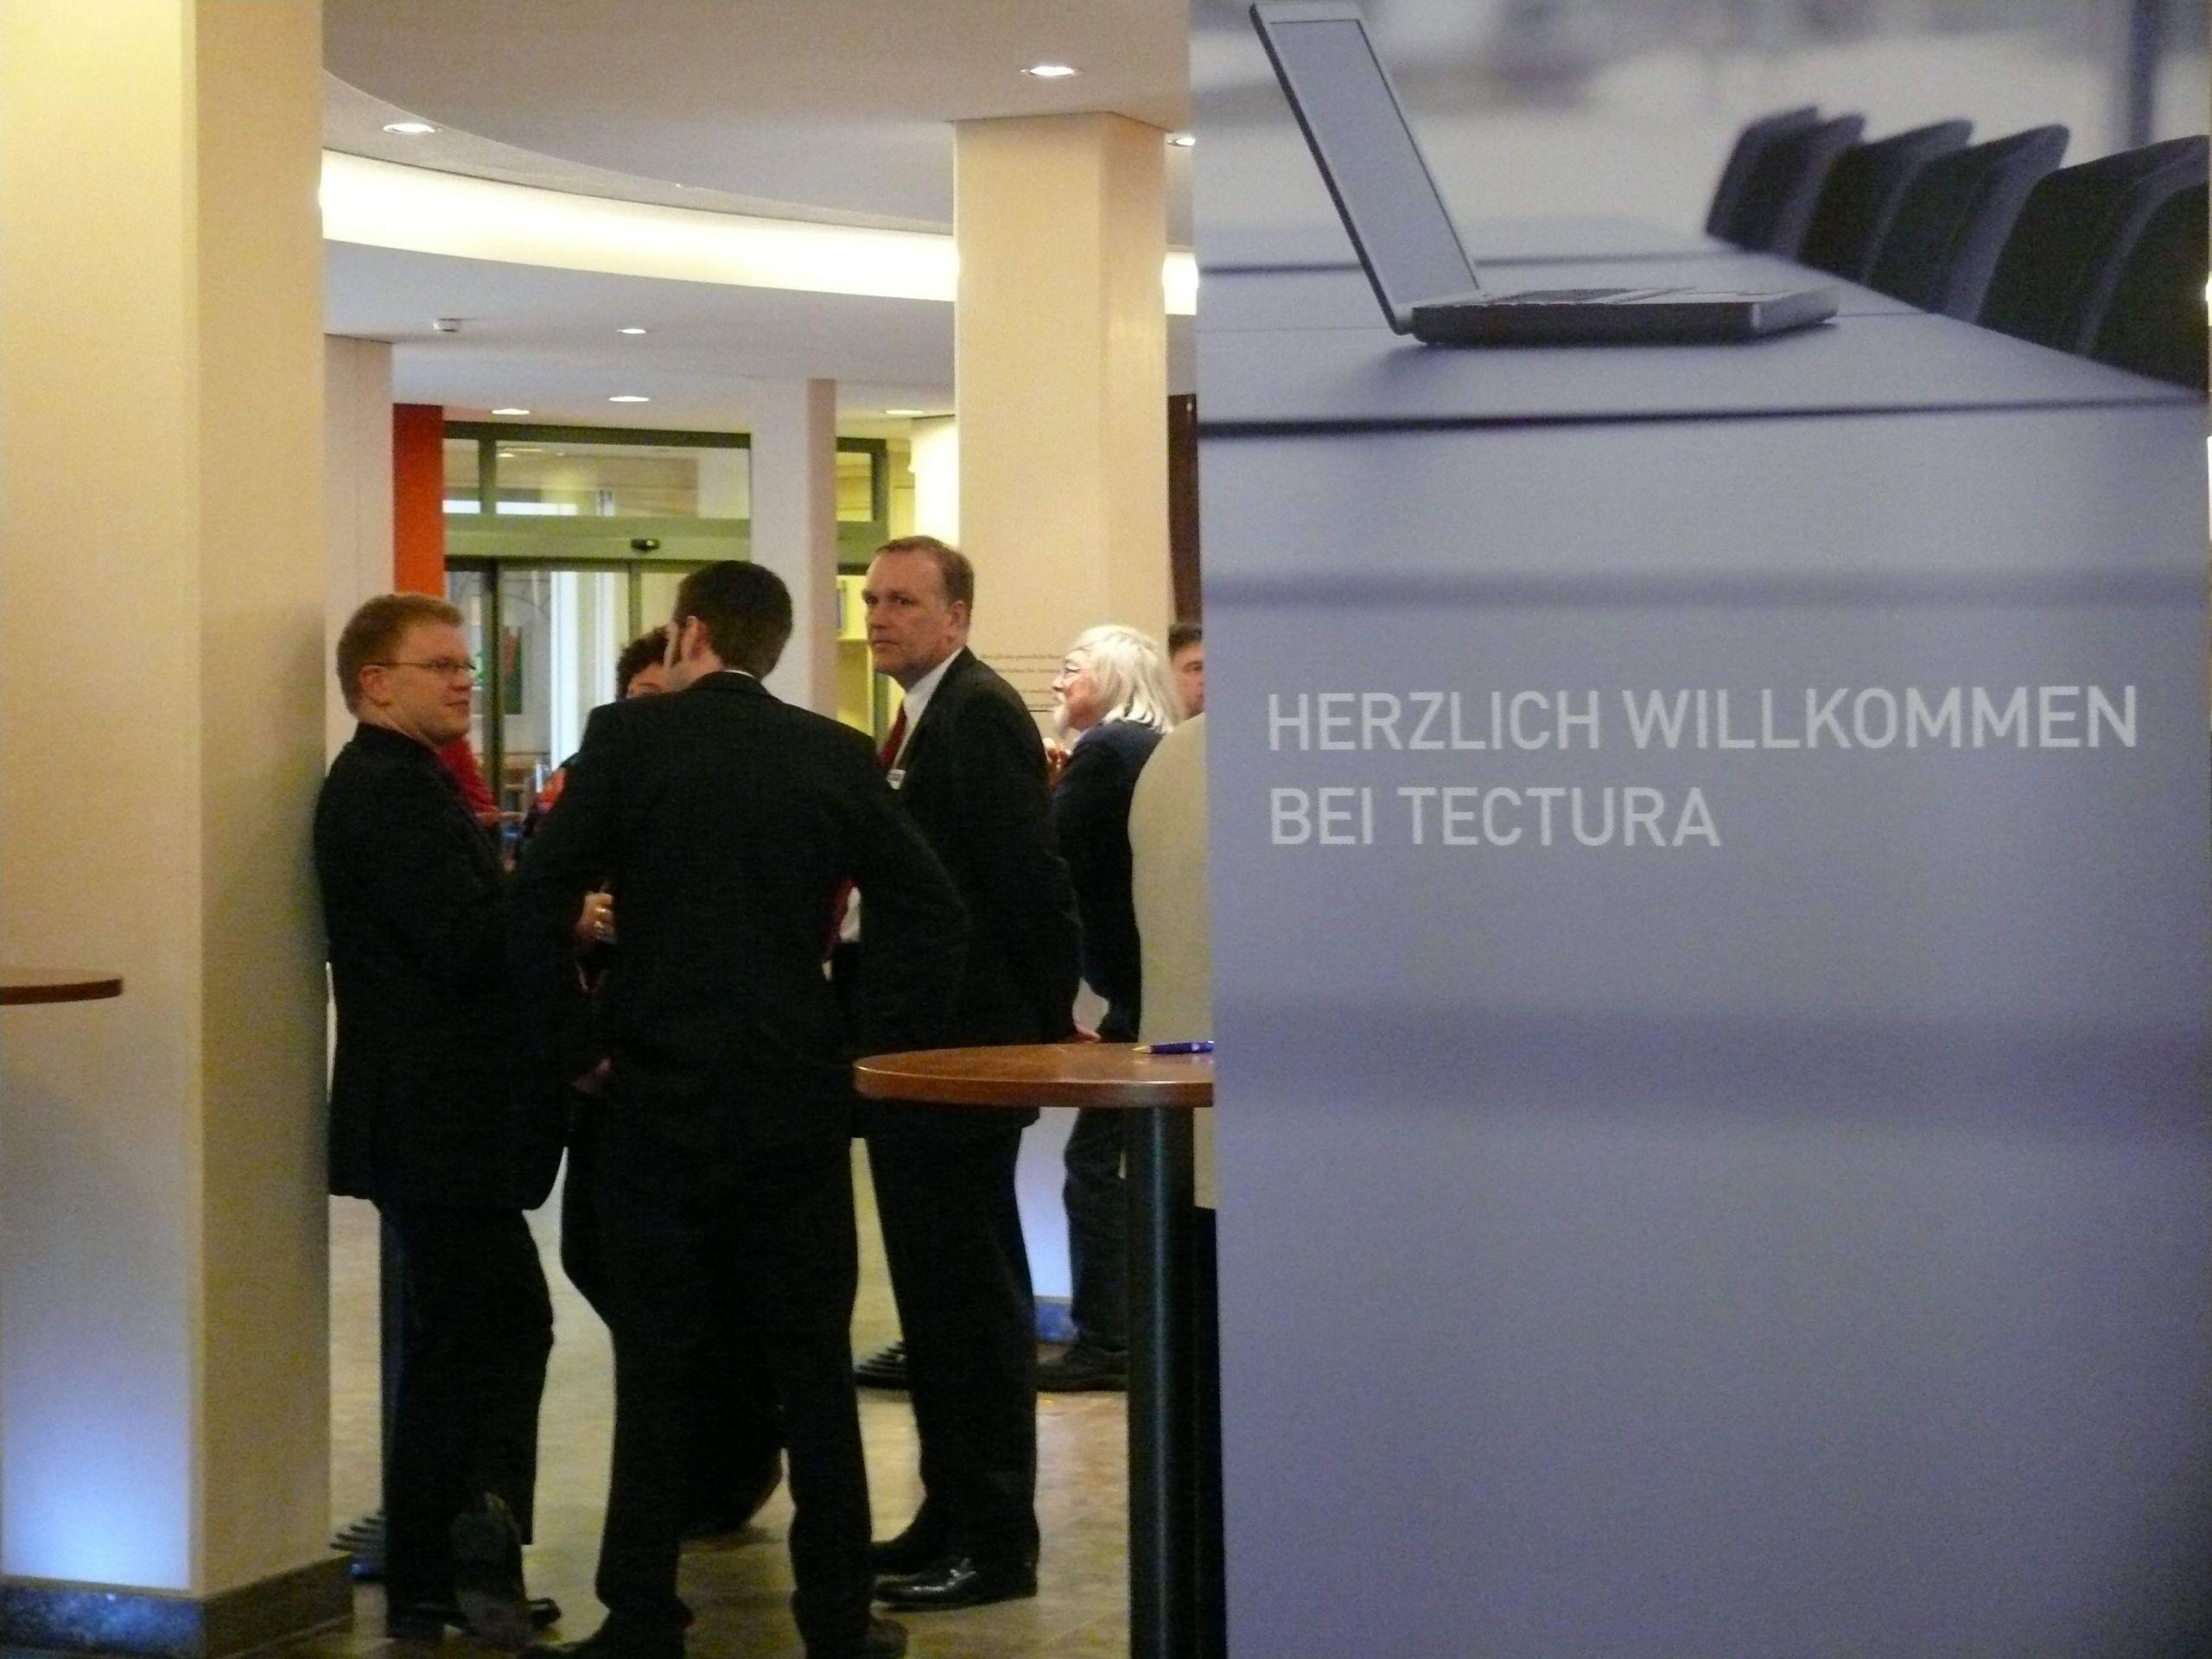 Diskussionen beim Forum NAV des Microsoft Partners Tectura groß JPG